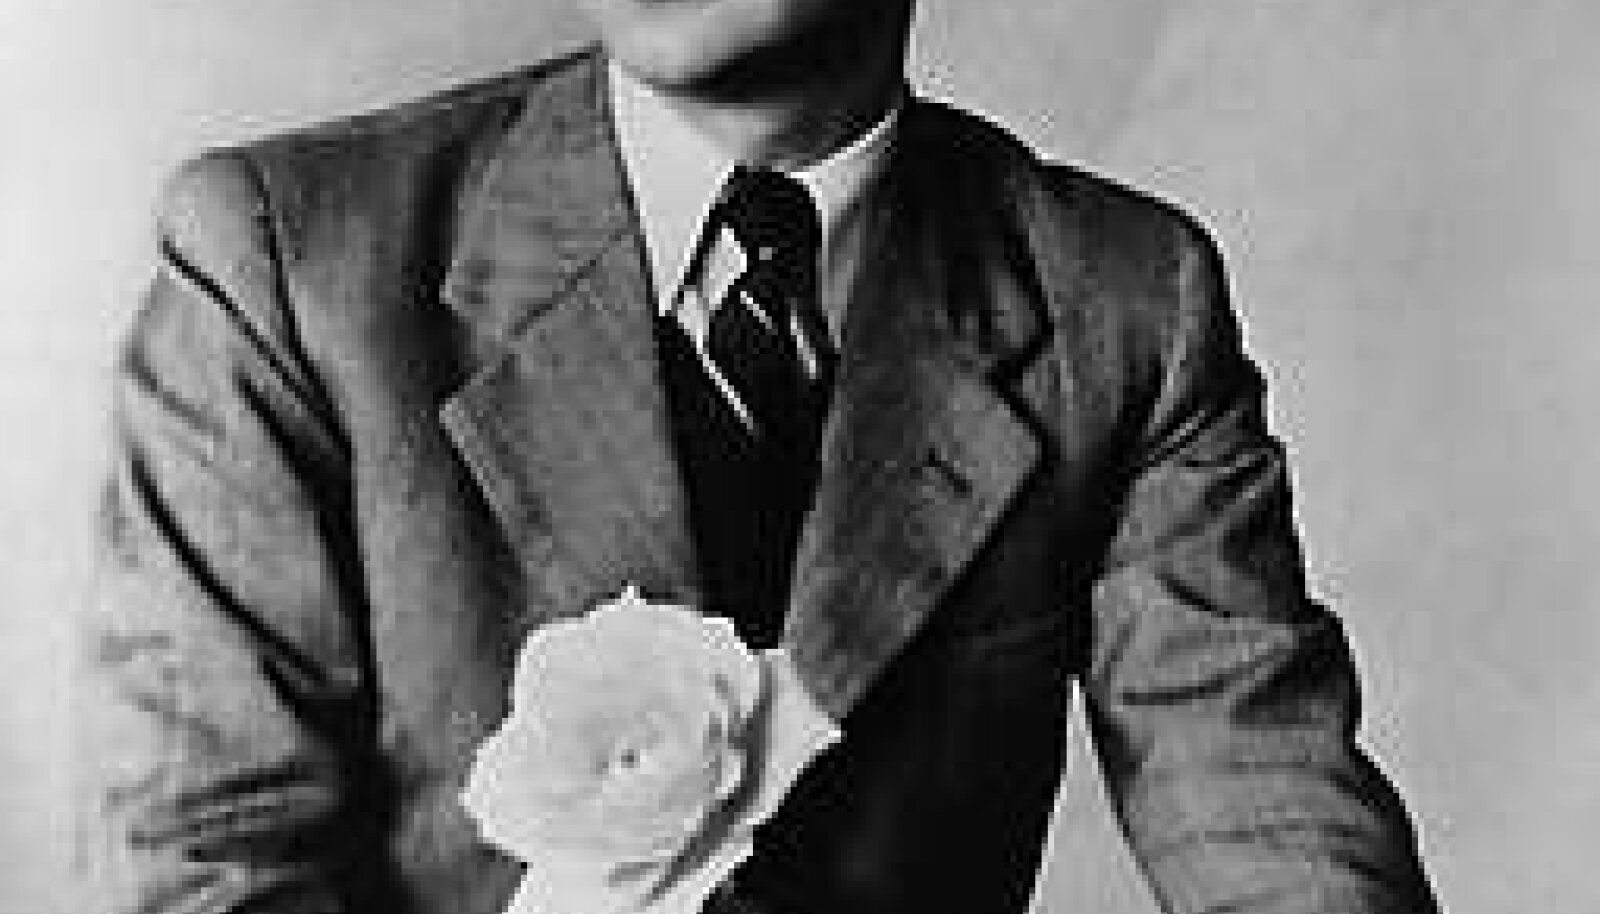 KARL RISTIKIVI: Depressiivse vaimuga suurkirjanik, kes jäi maailmale üpris tundmatuks. repro